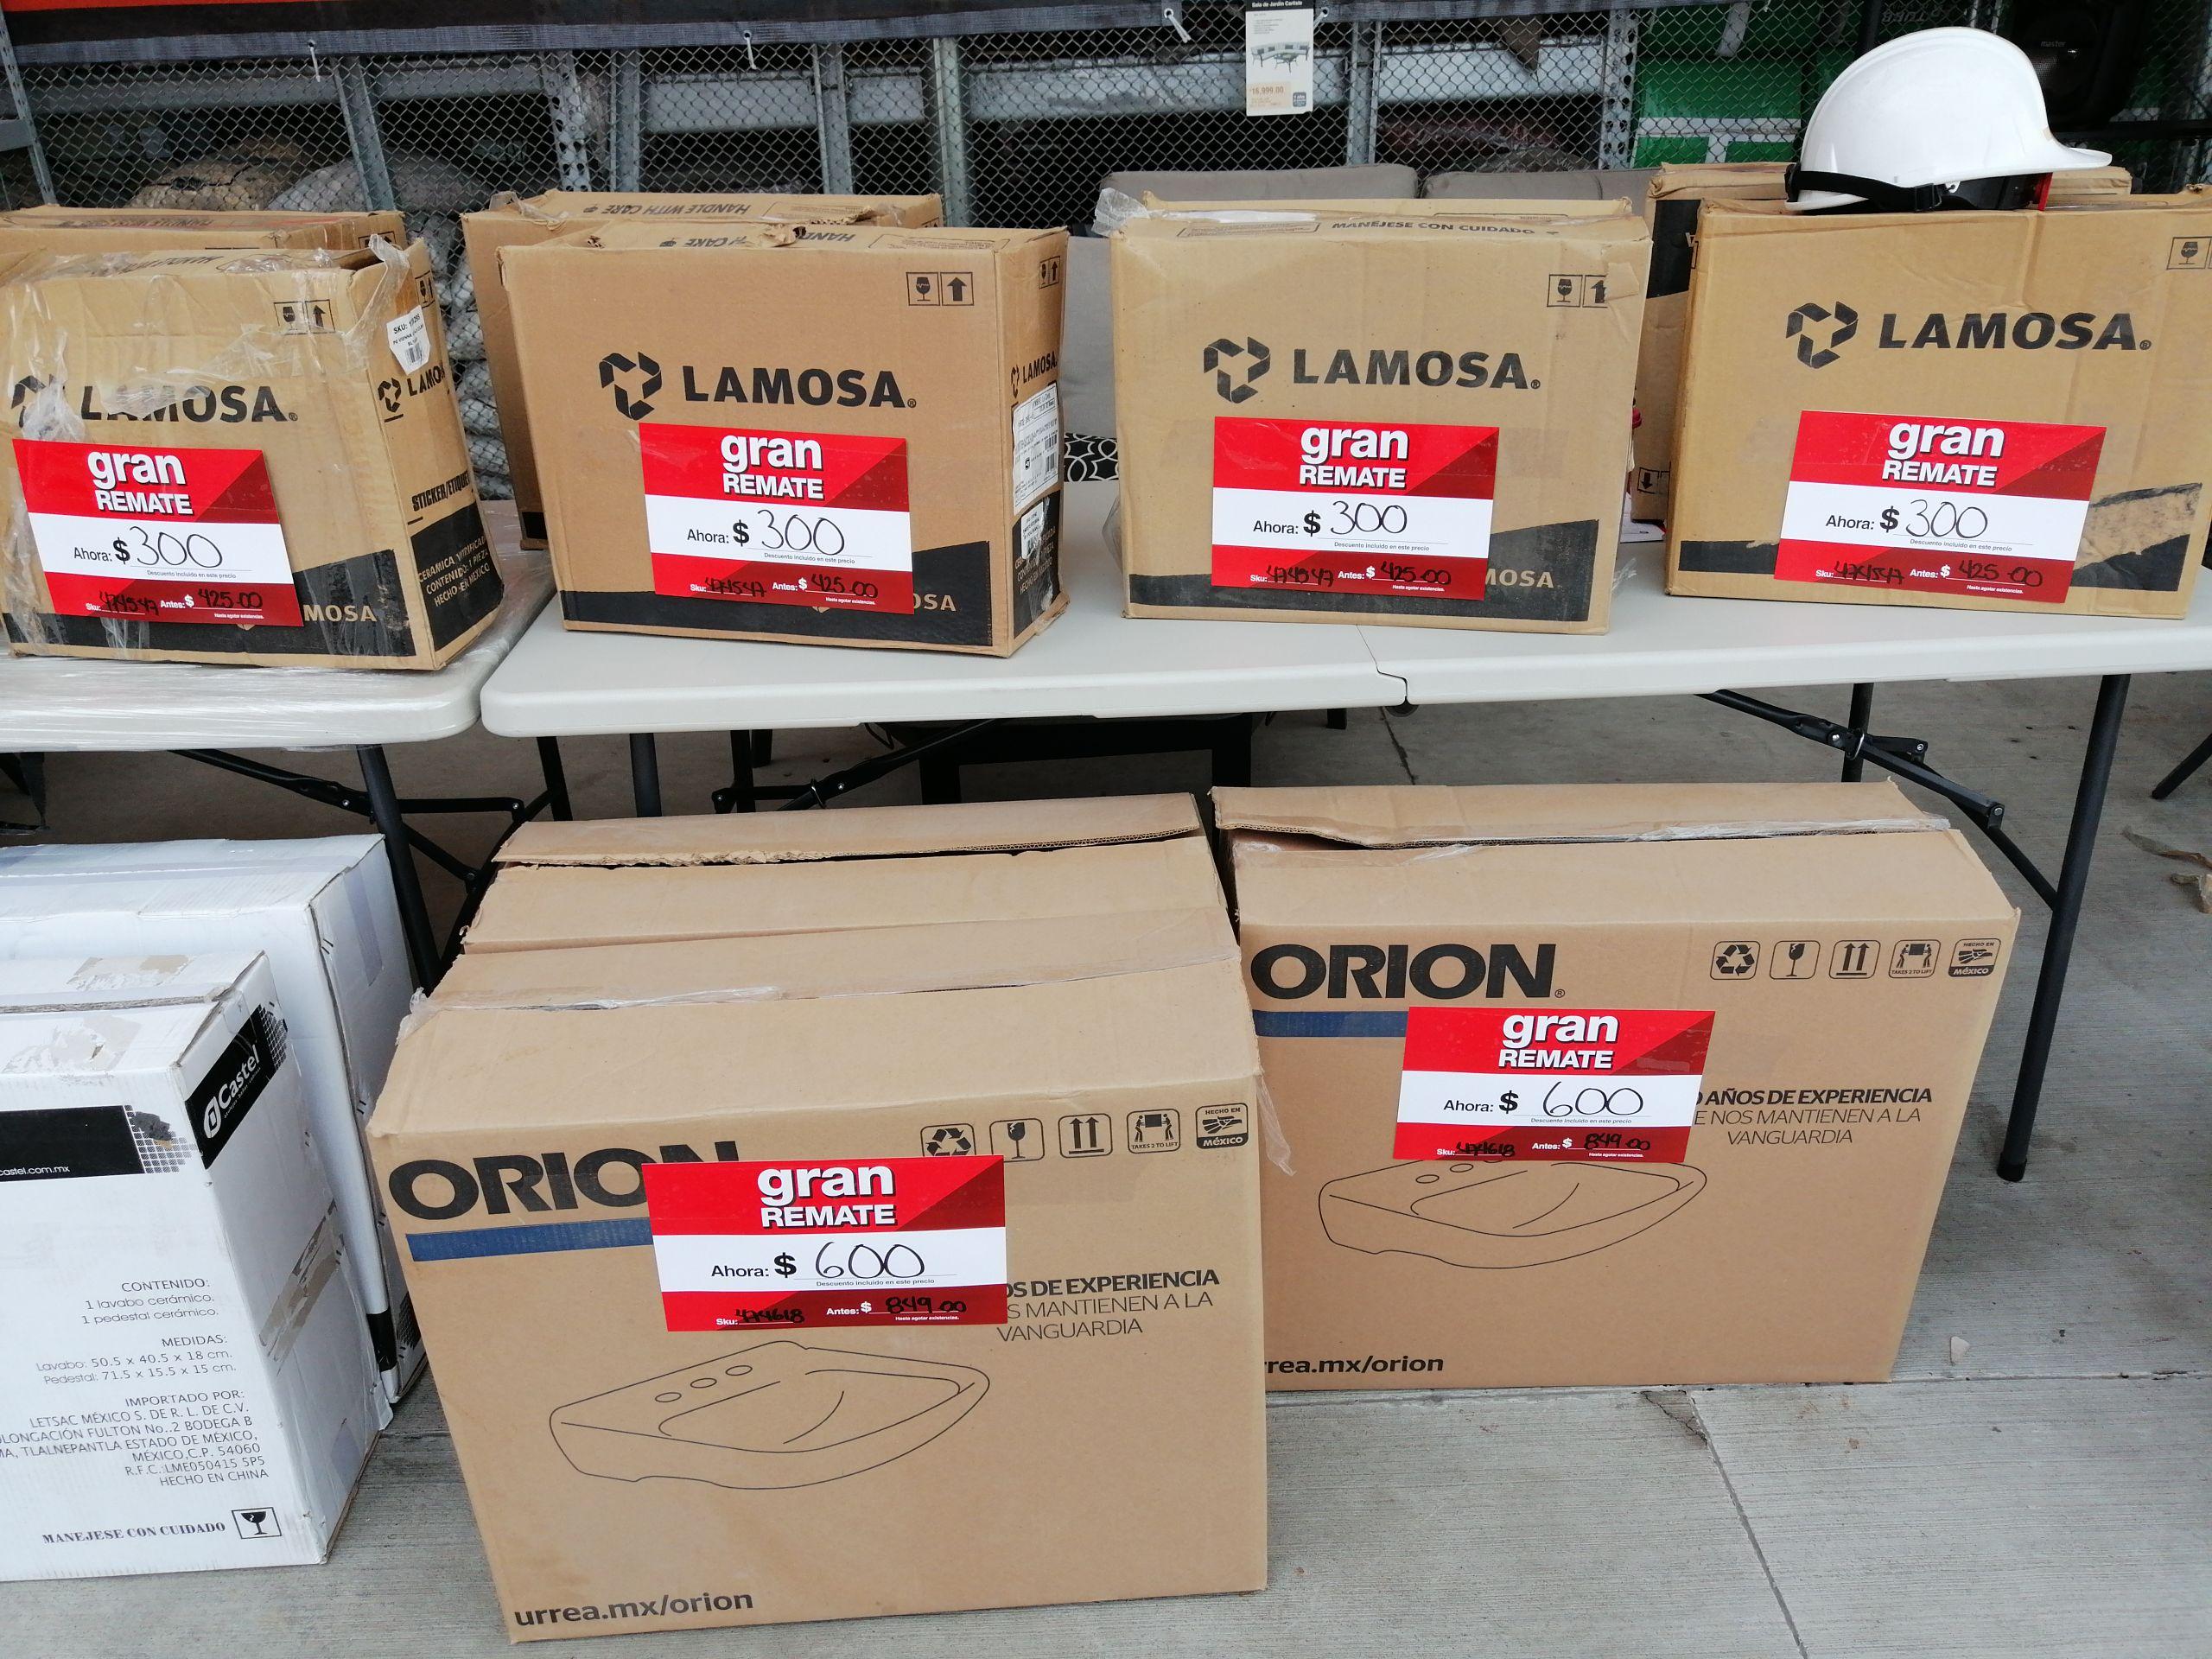 Promoción venta de lavabo con o sin pedestal de la marca Orion y Lamosa The Home Depot Salamanca, Guanajuato